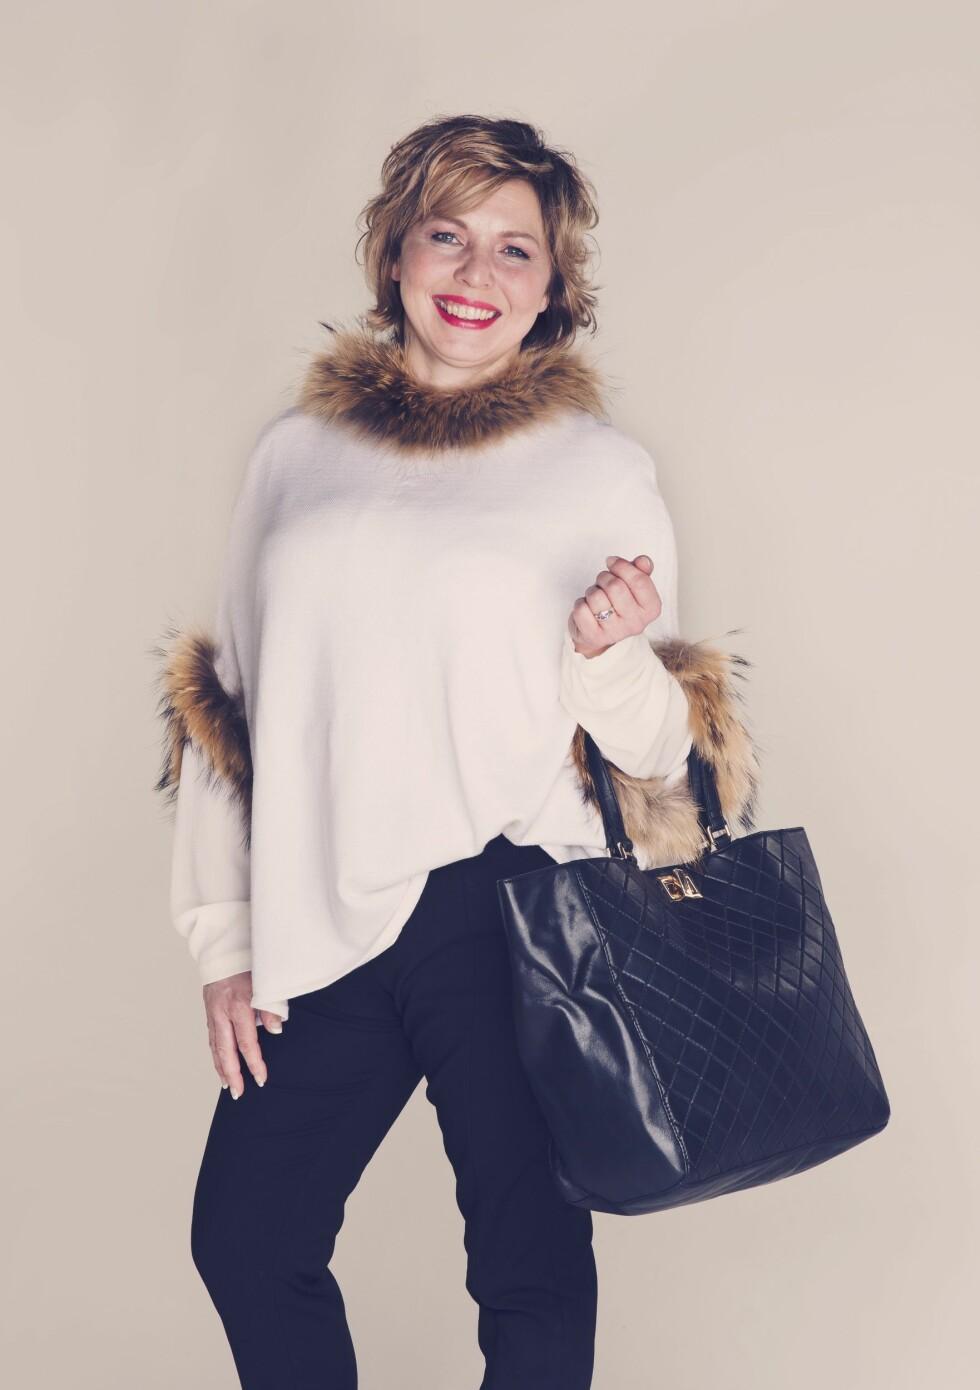 ELEGANT I PONCHO: Bukser (kr 599, Selected Femme/Walk-in Closet), bluse (kr 849, Modstrøm/Walk-in Closet), poncho (kr1999, Anemone/ Fashion & Brands), veske (kr 2199, Day).  Foto: Yvonne Wilhelmsen